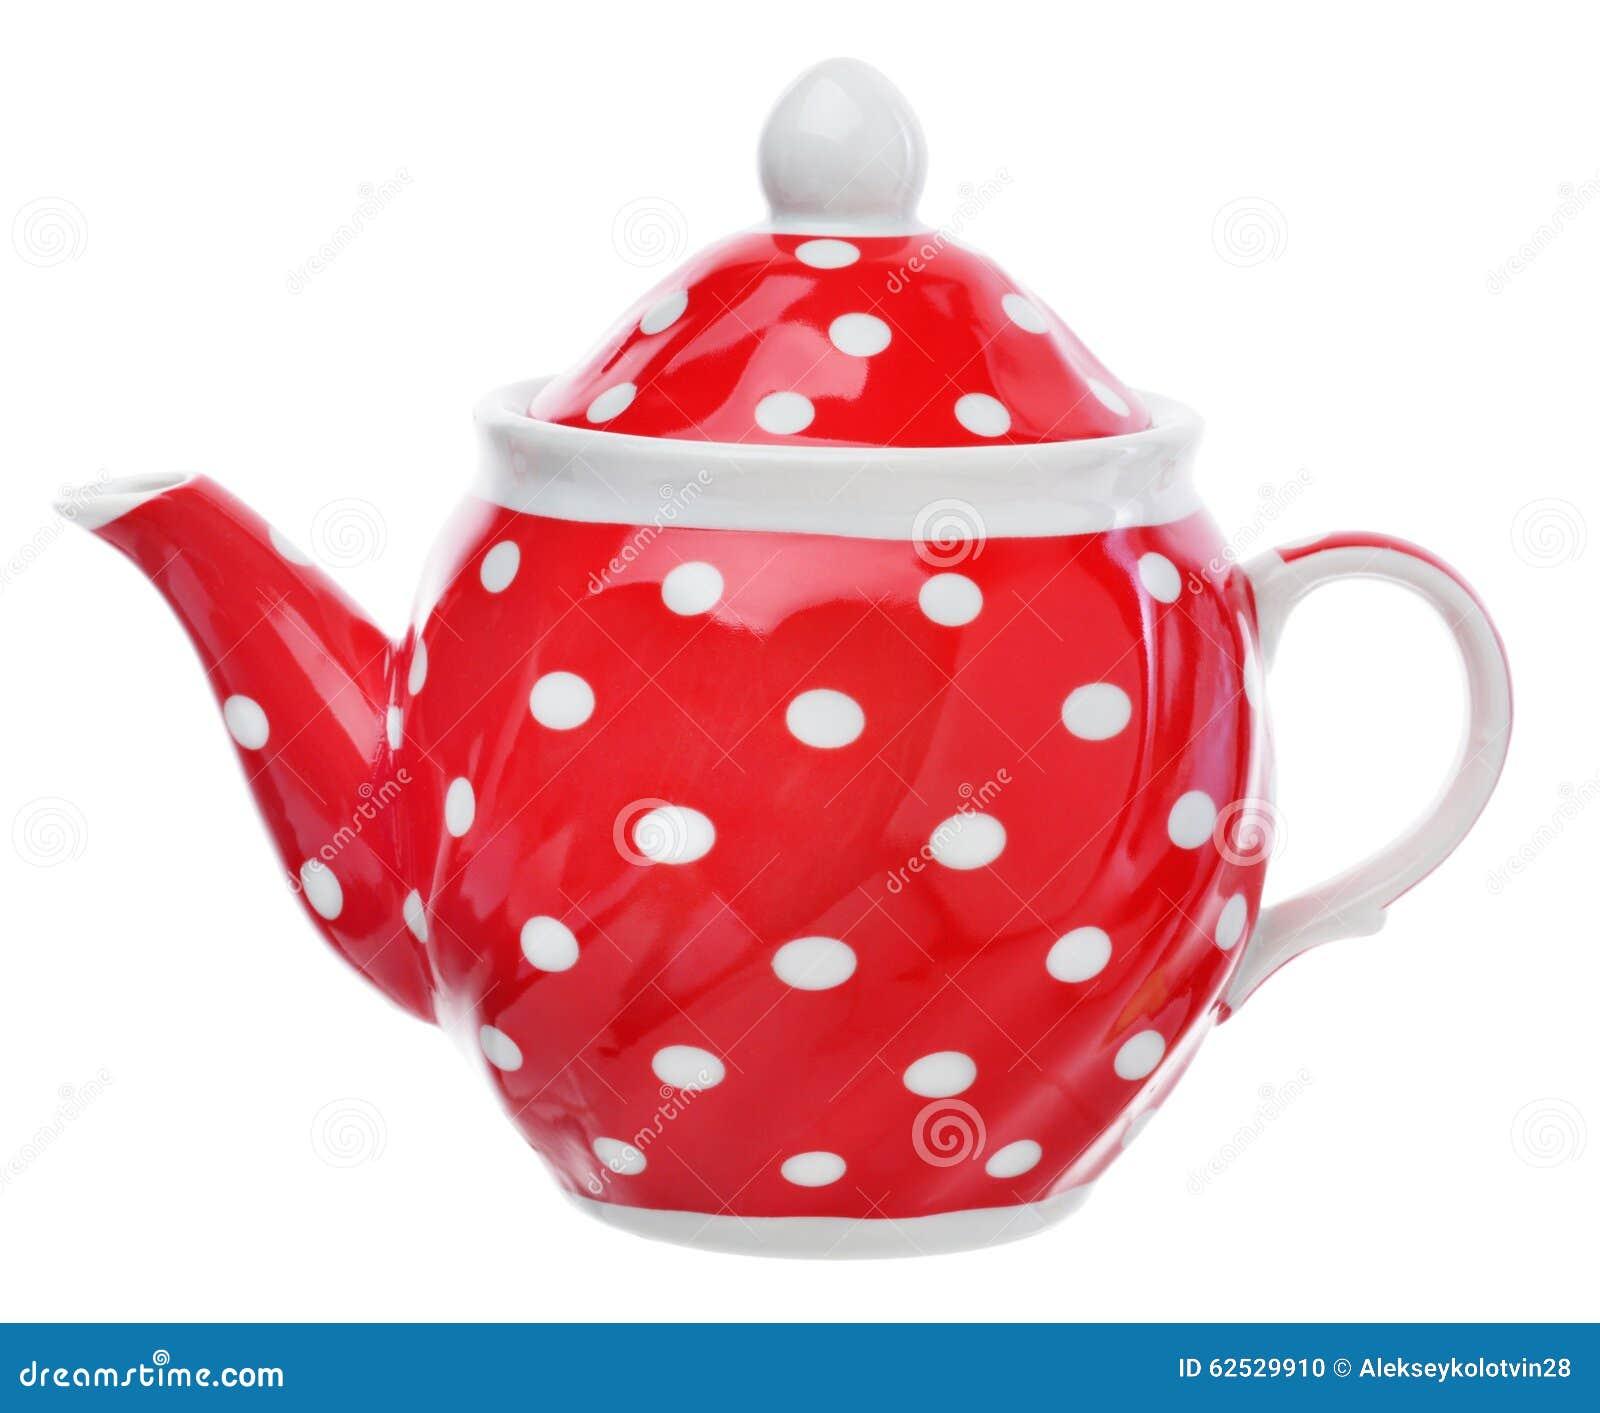 有白色圆点的红色茶壶